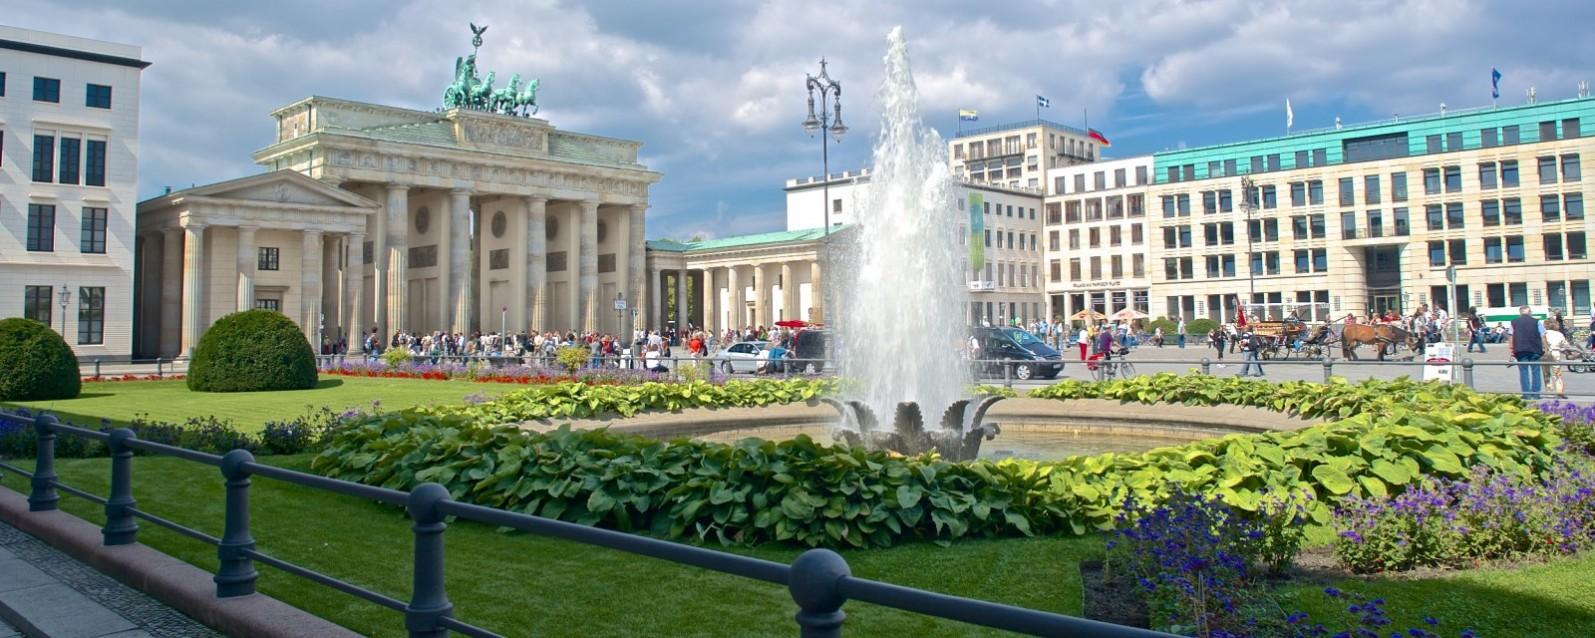 Бизнес-иммиграция в Германию. Преимущества